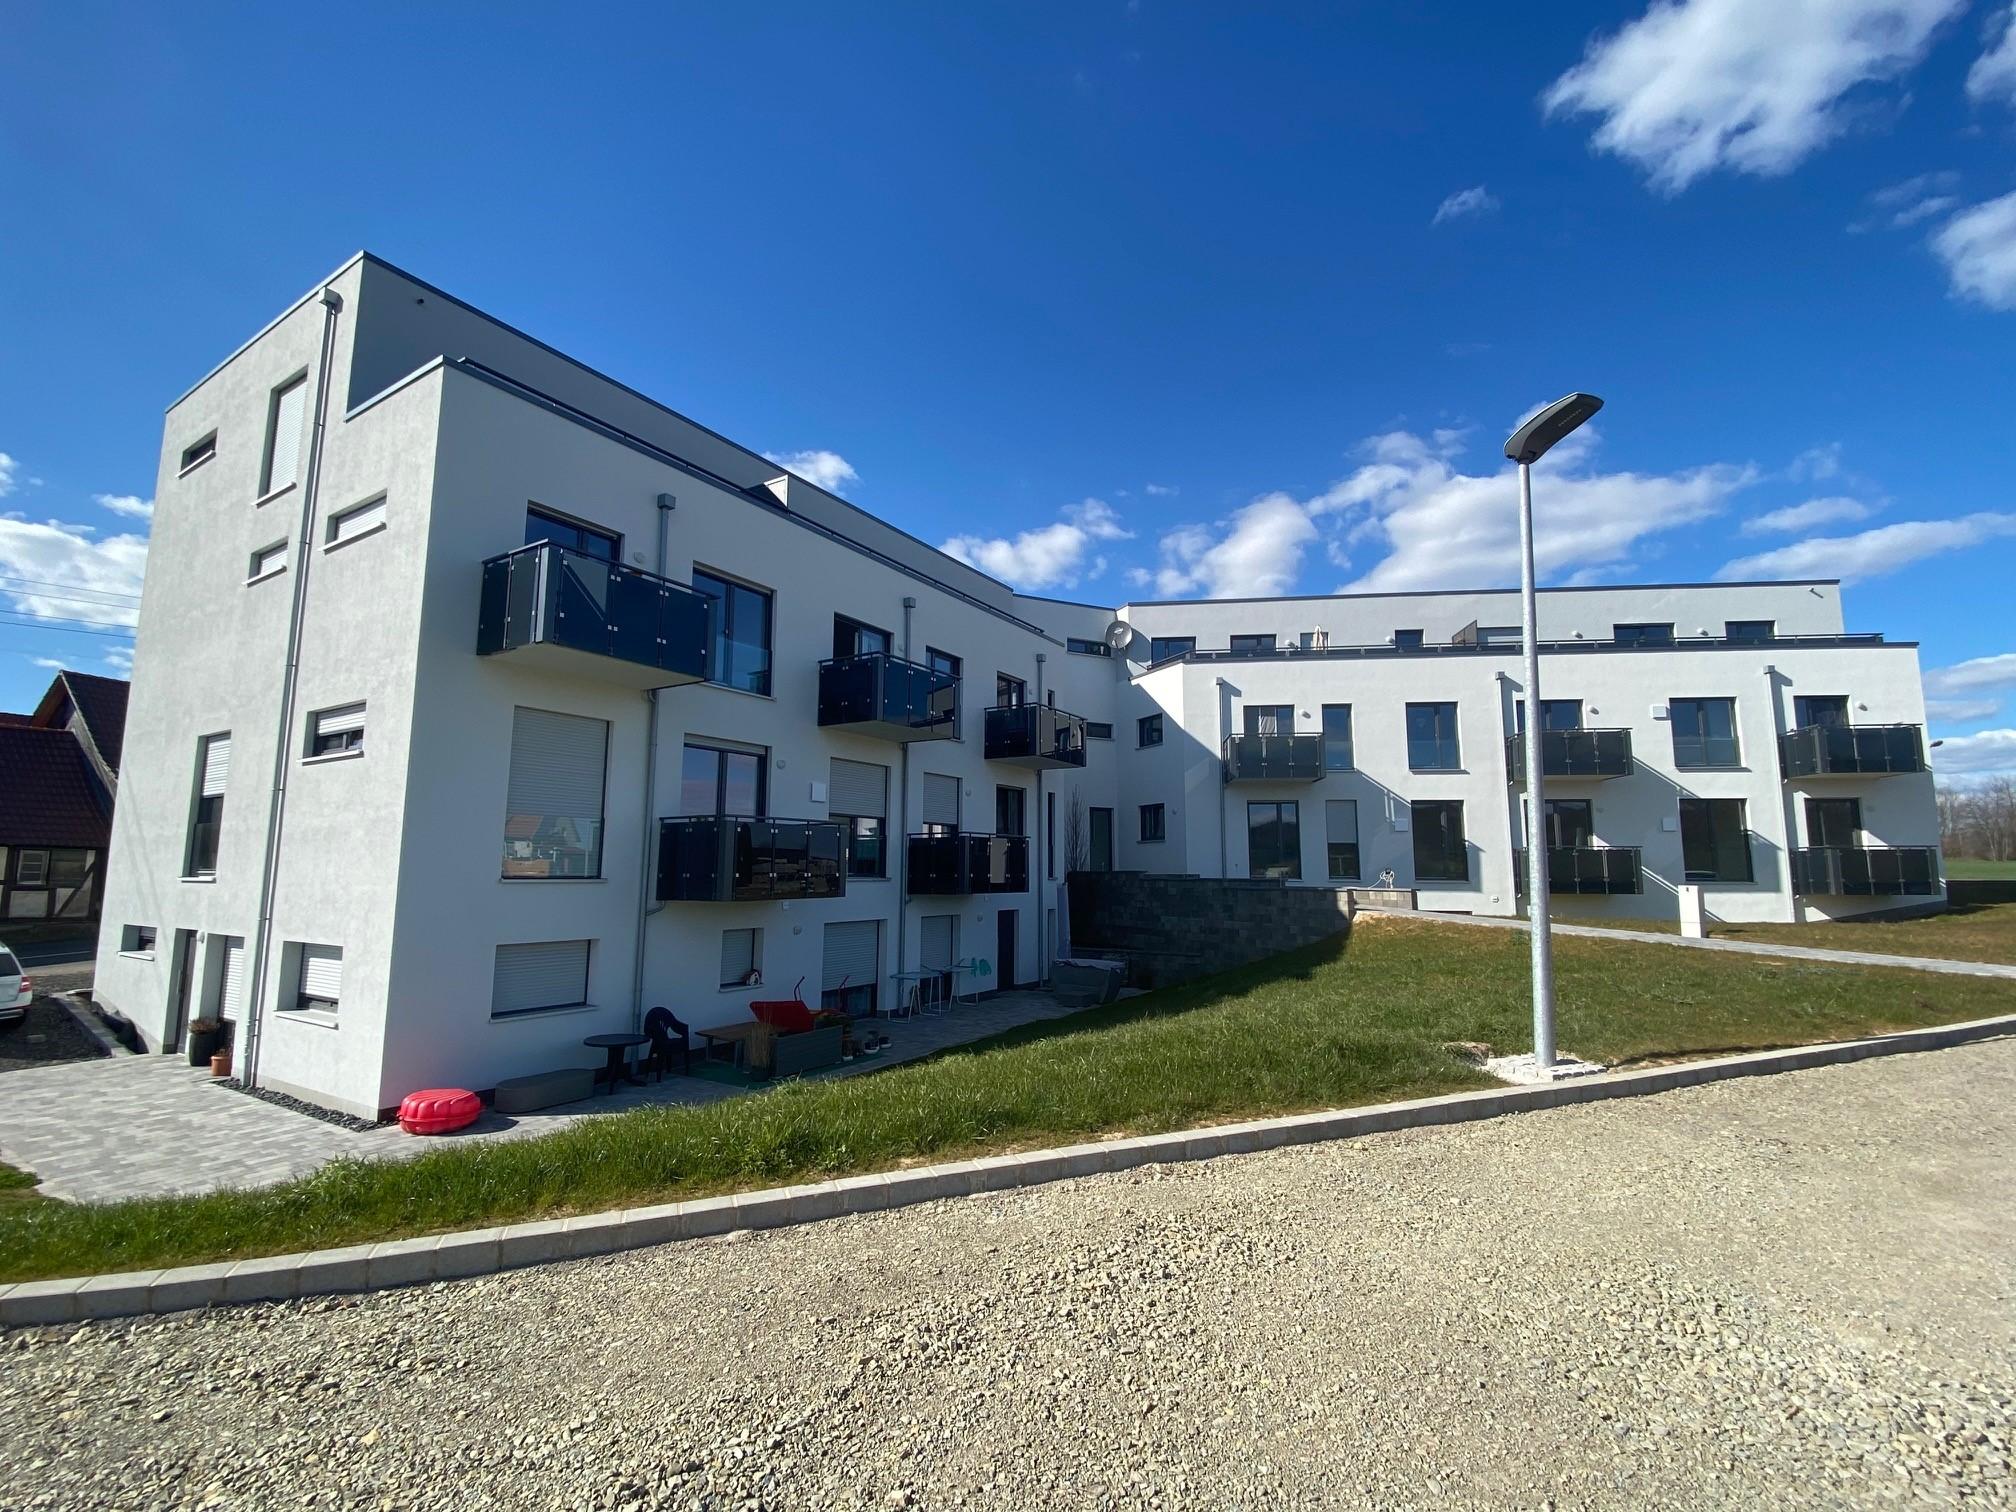 Familienwohnung mit schöner Terrasse in Hohengandern zu vermieten